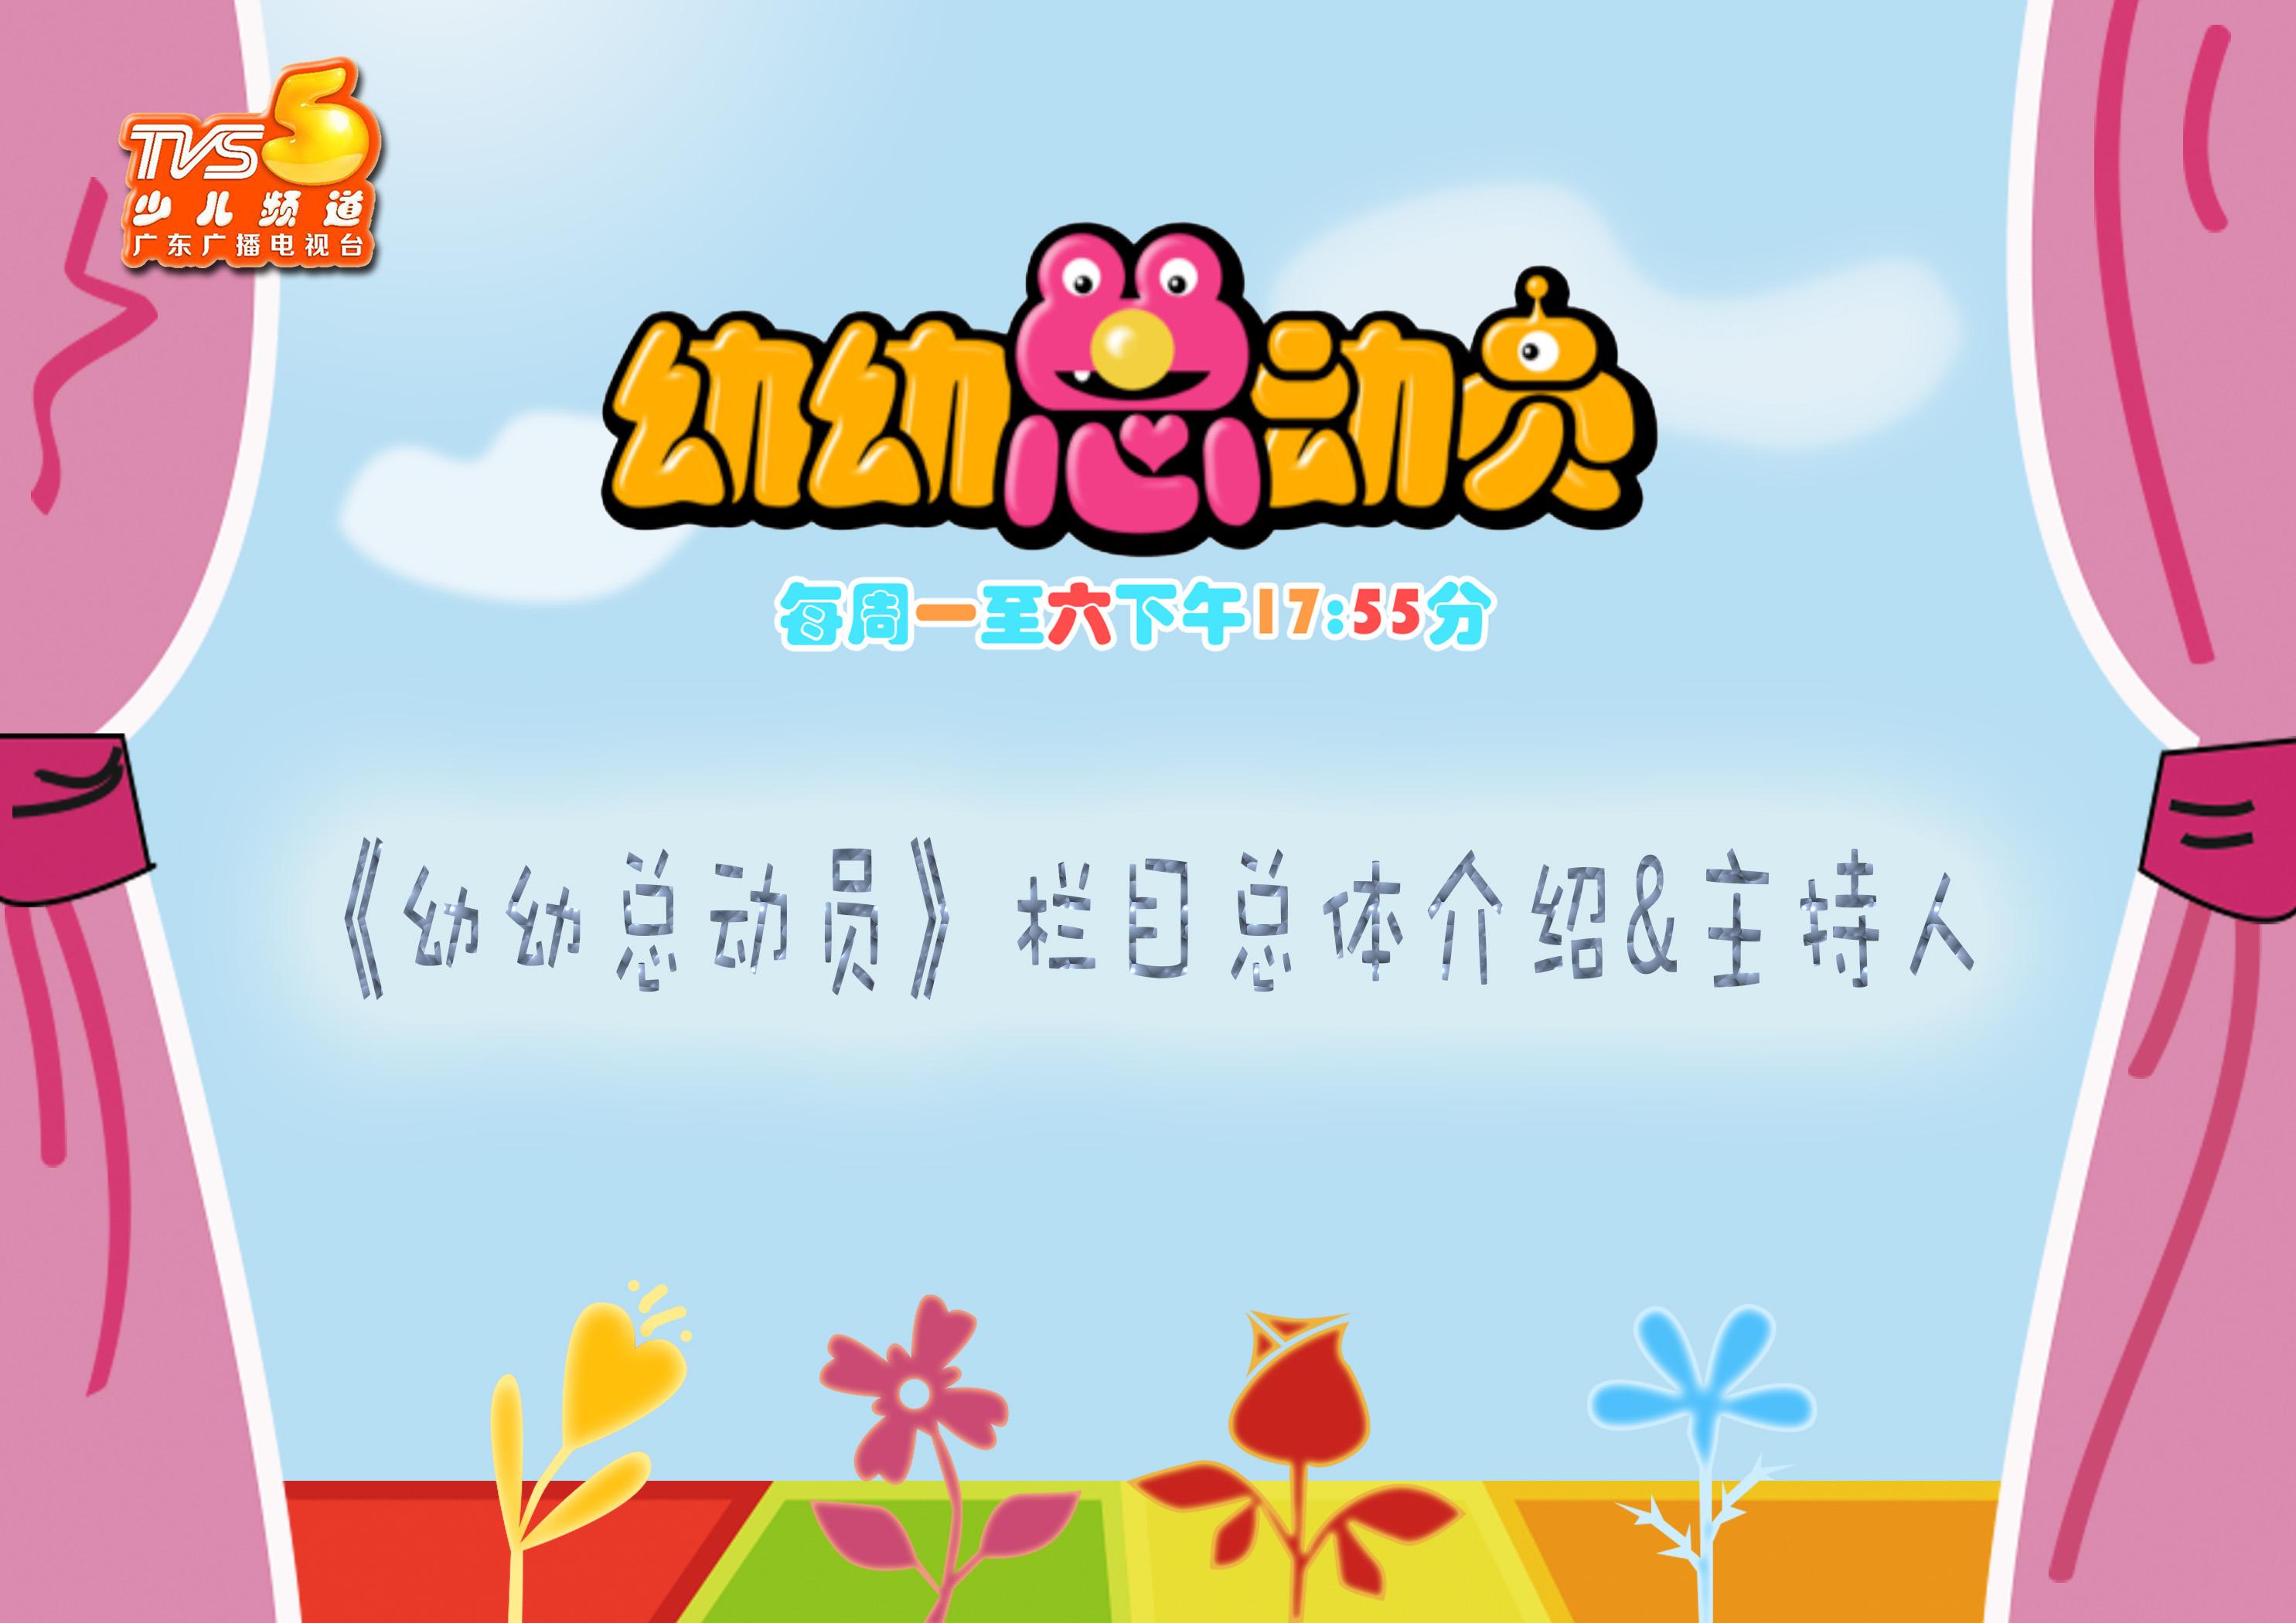 广东少儿频道《幼幼总动员》